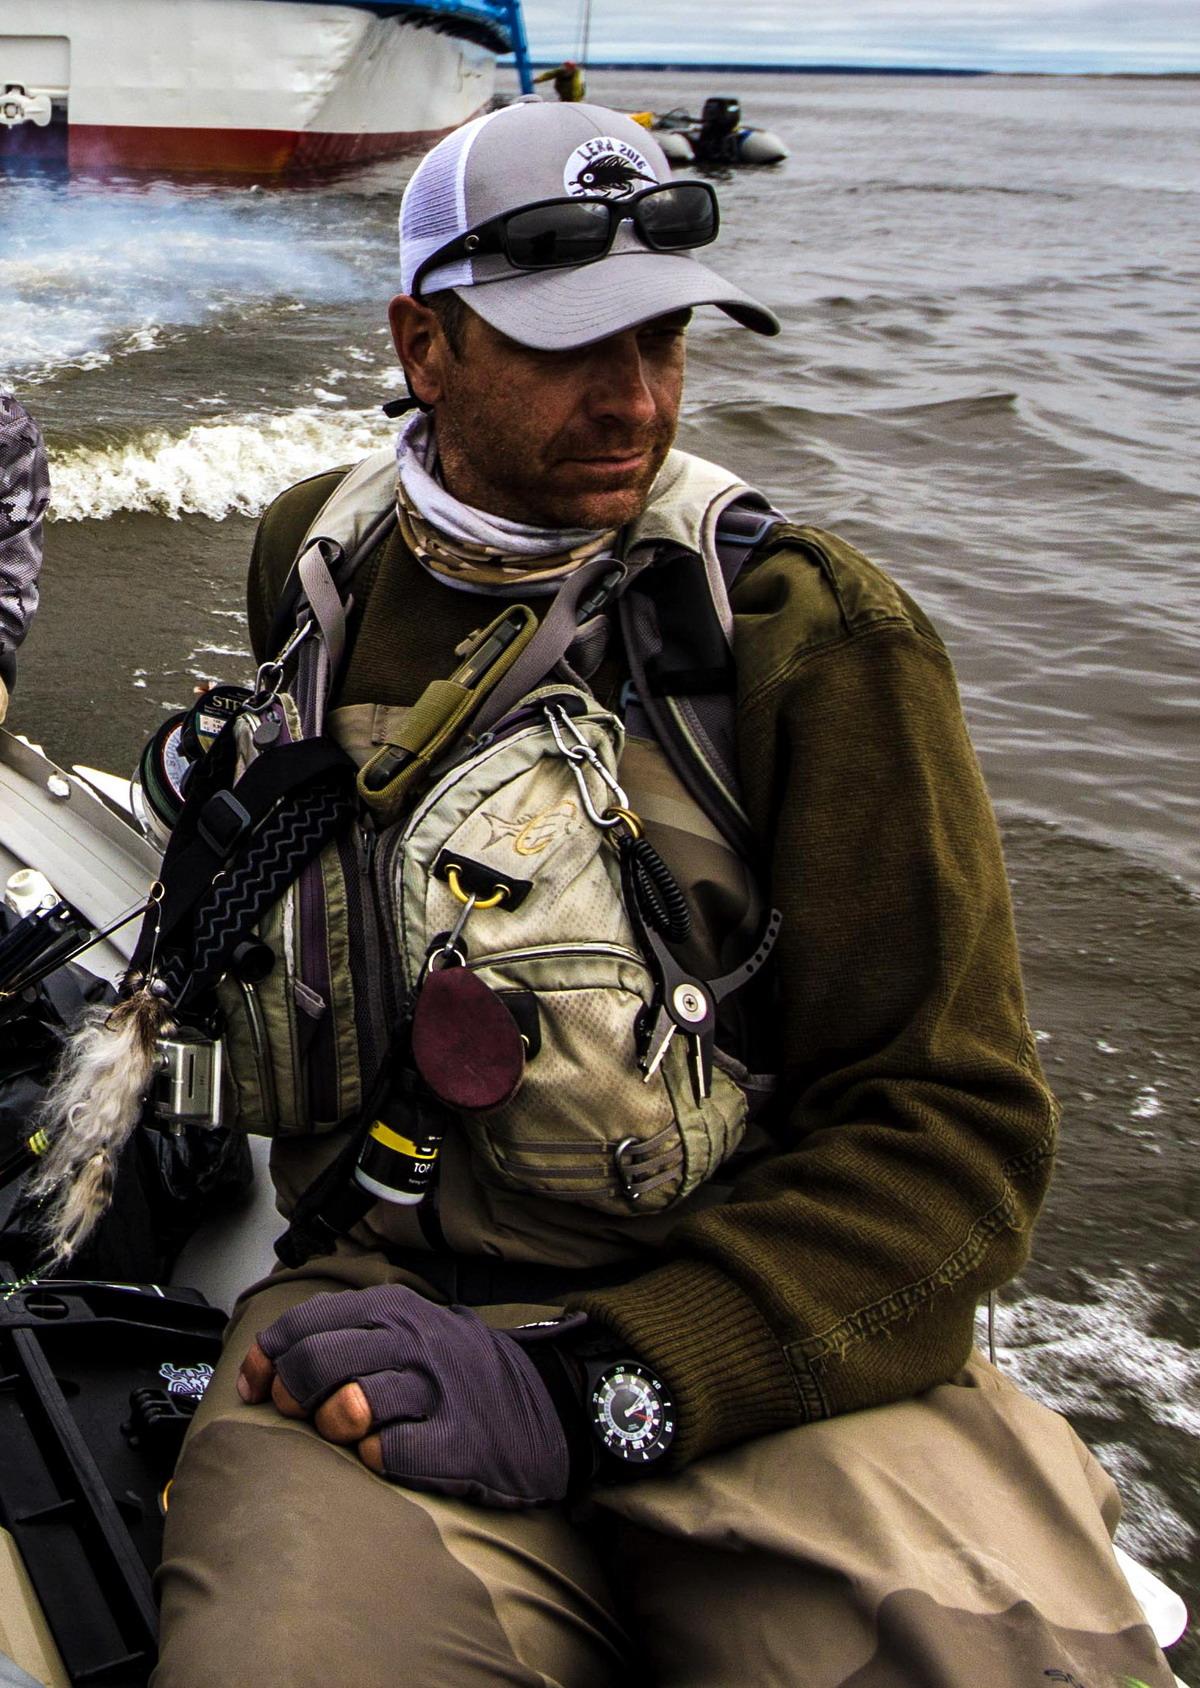 Muhar in vezalec od 12. leta. Leta 2000 združil veselje do ribolova in turistično vodenje v ribiško vodniški službi. Se počuti priviligiranega, da živi v Sloveniji, ki ponuja tako pester izbor ribolova. Njegova strast v zadnjih letih je ribolov na sulca in taimena. Snovalec in lastnik patenta ribiških vab Huchofishing. V Sloveniji eden prvih muharjev na sulca.